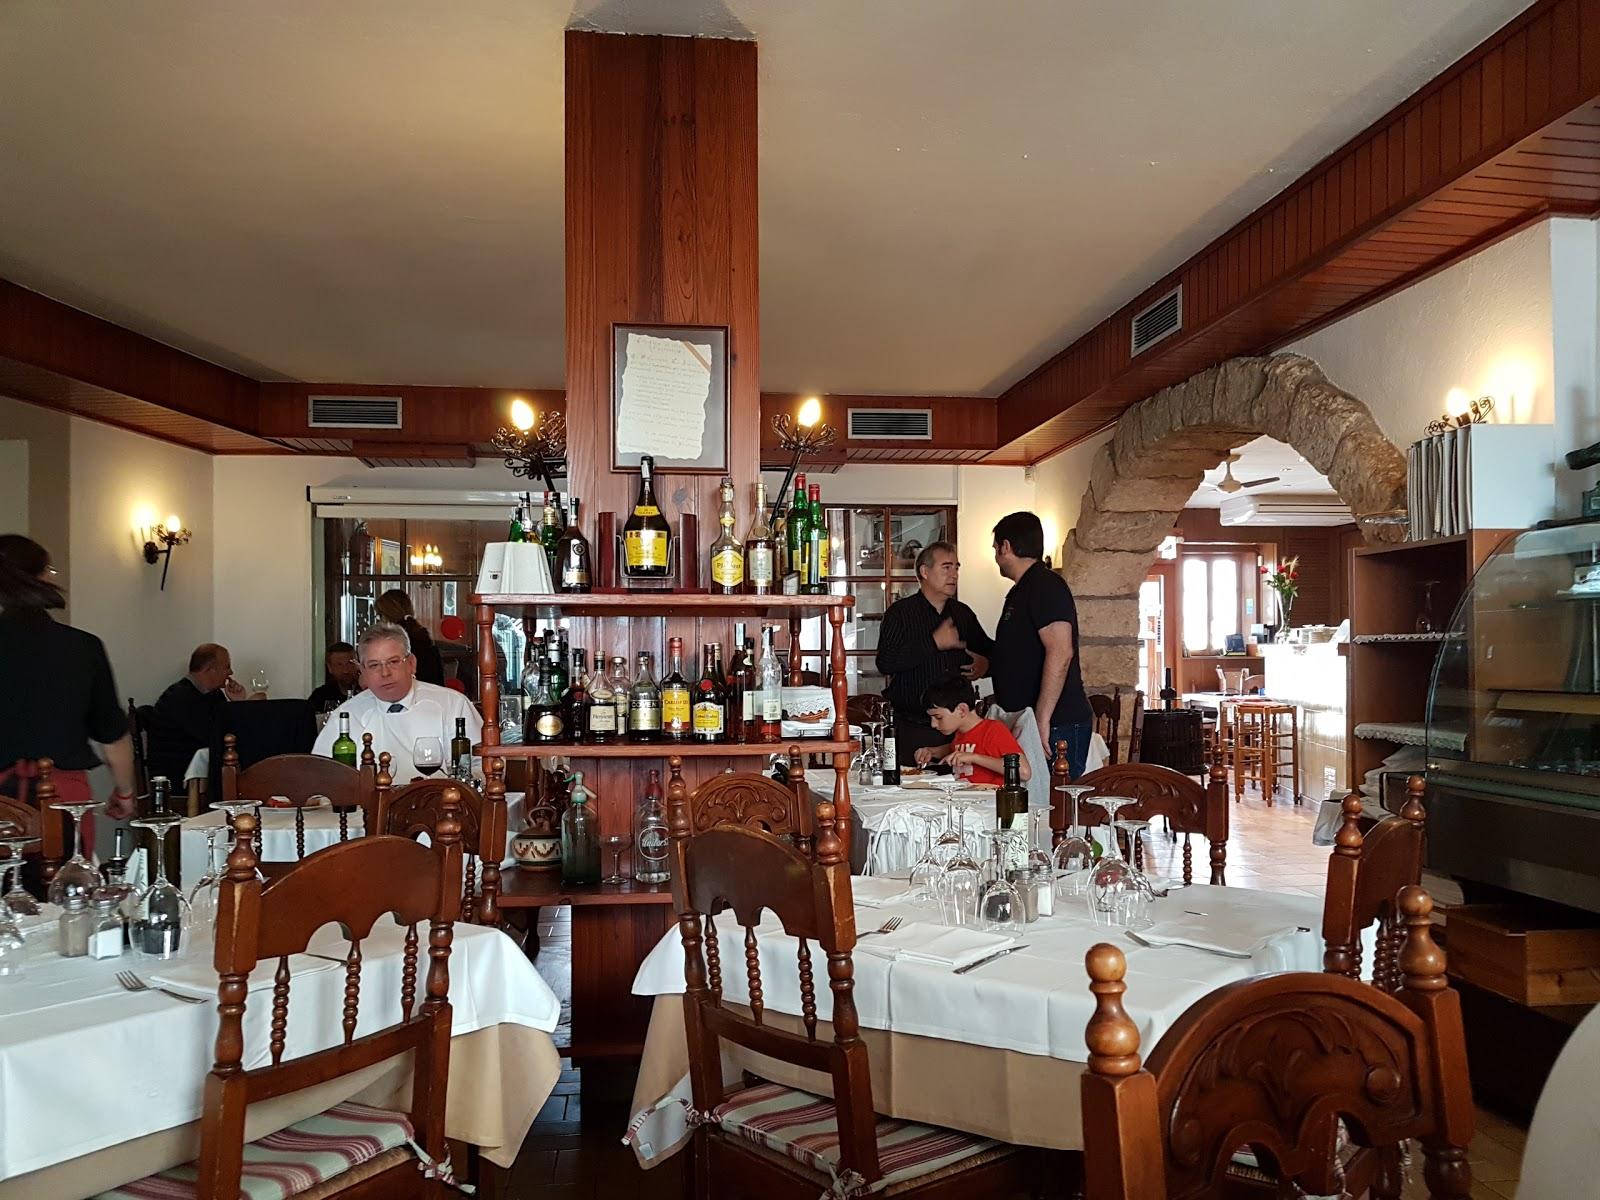 Restaurant La Posada de Sant Pere